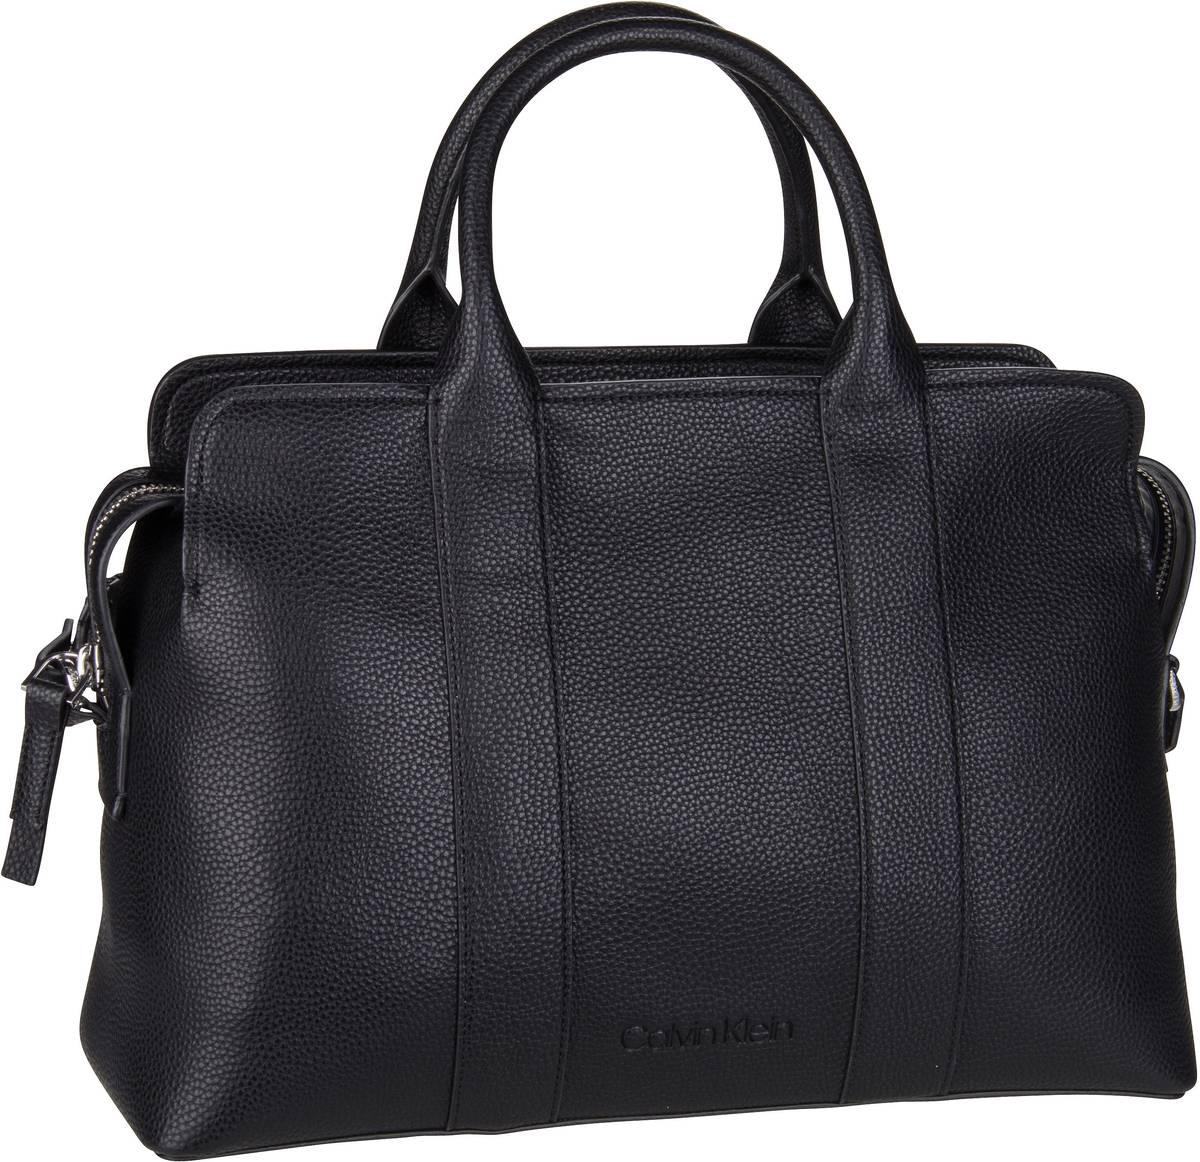 Handtasche Race Tote Black